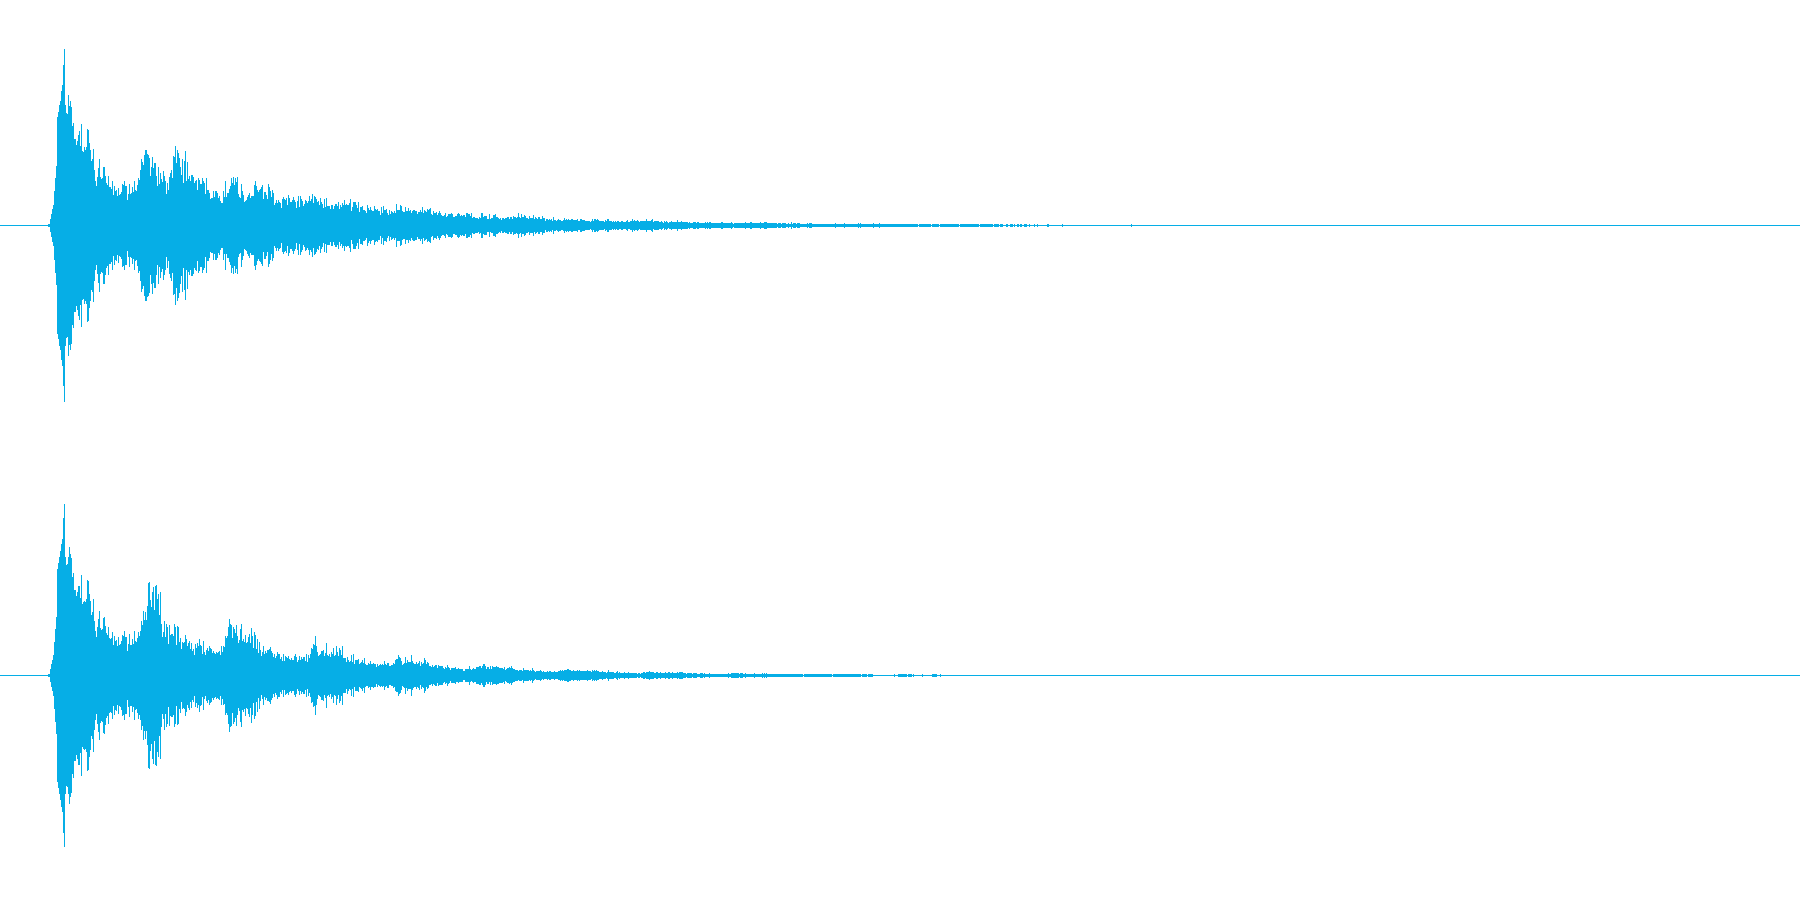 流れ星をイメージした電子音の再生済みの波形